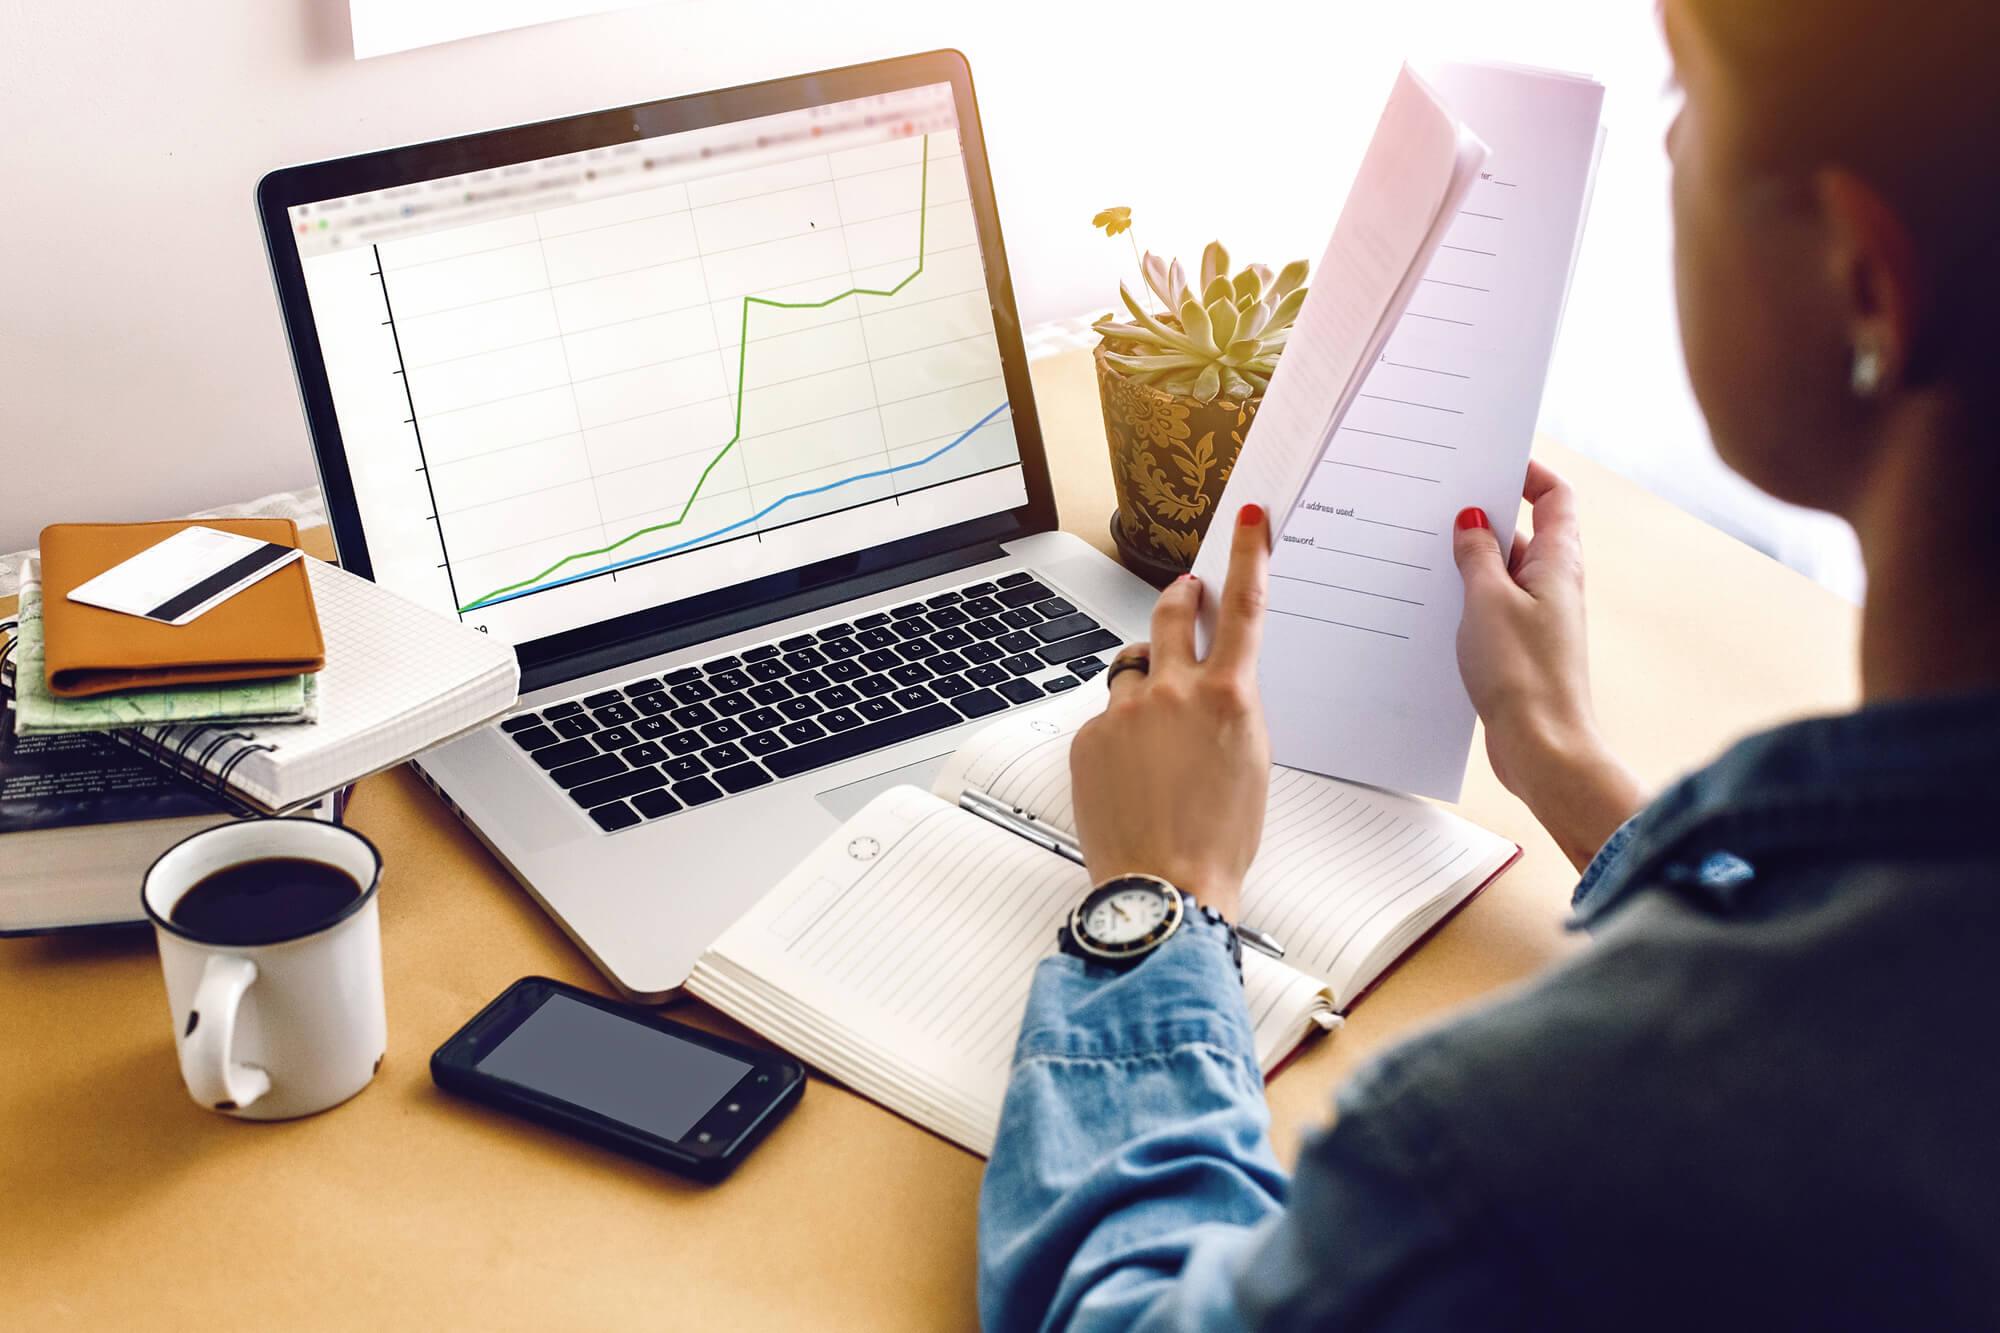 Mulher analisando gráficos contendo o valor justo no computador